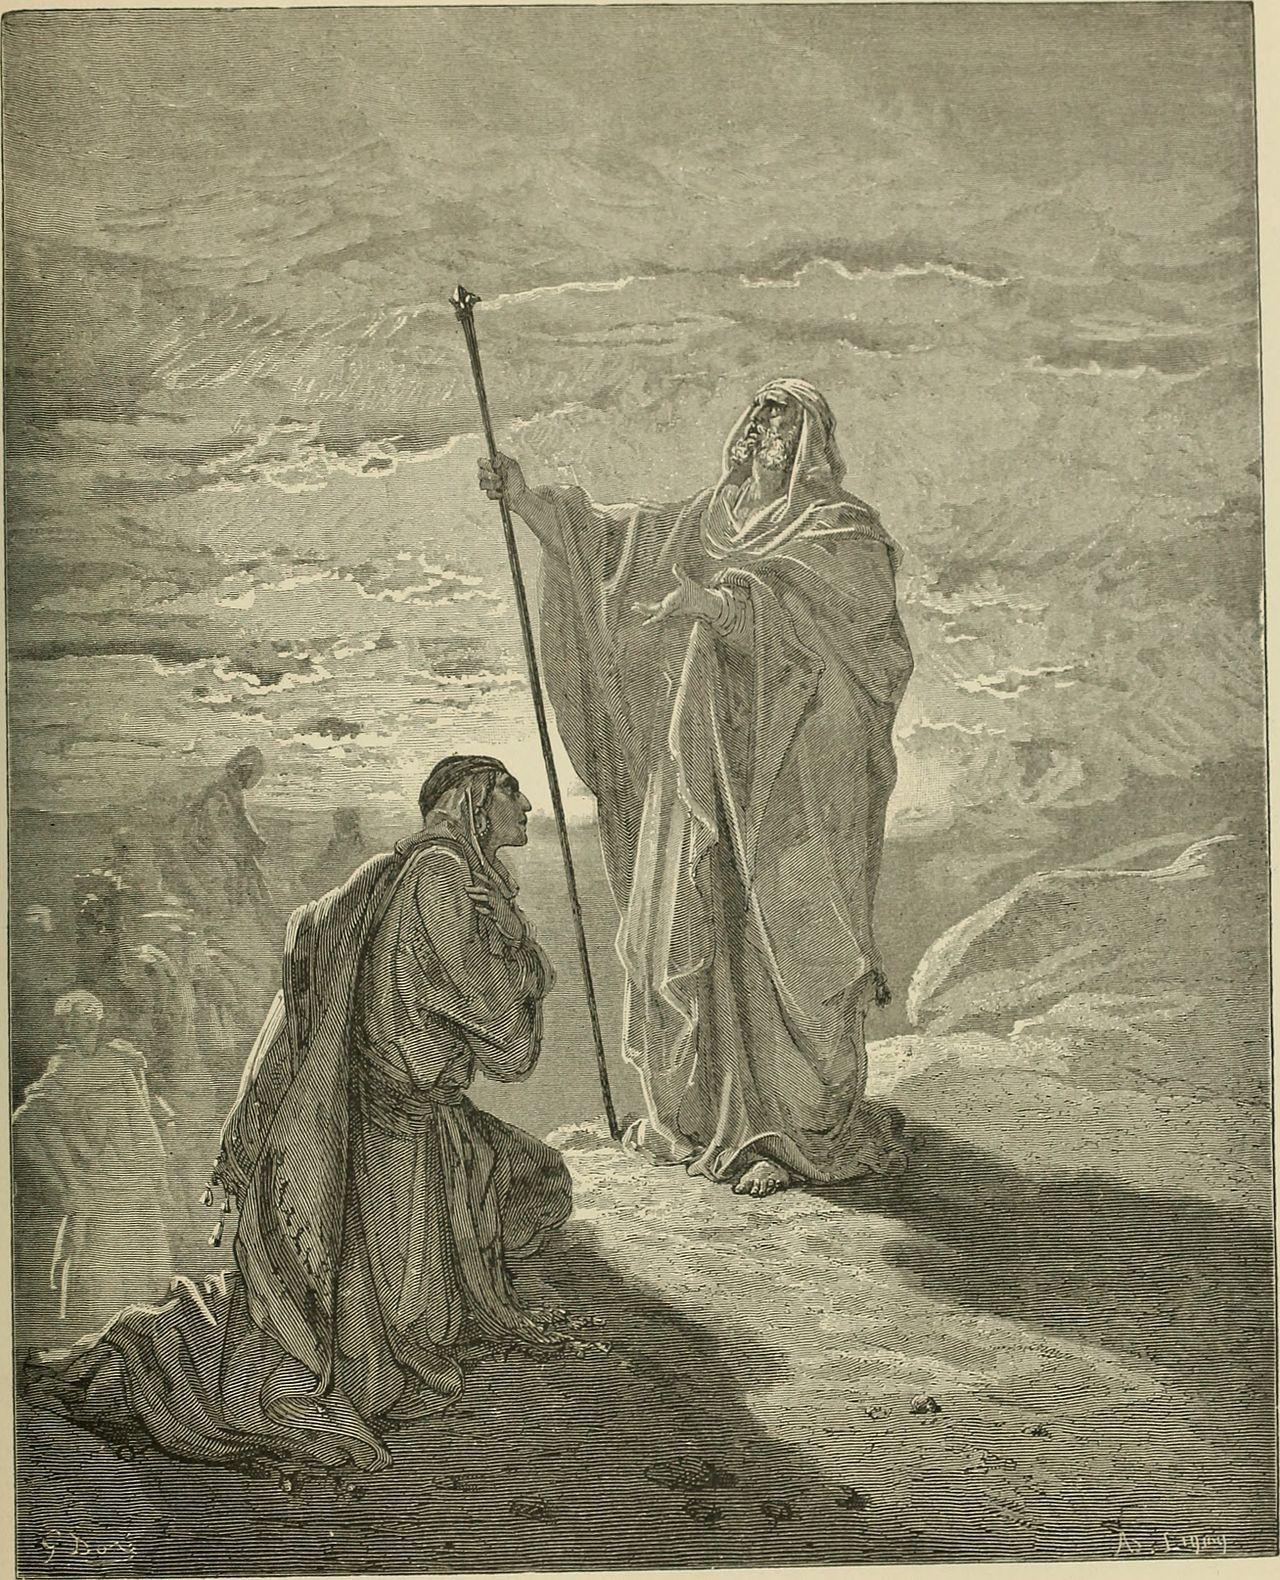 Gustave Doré's illustrations for La Grande Bible de Tours